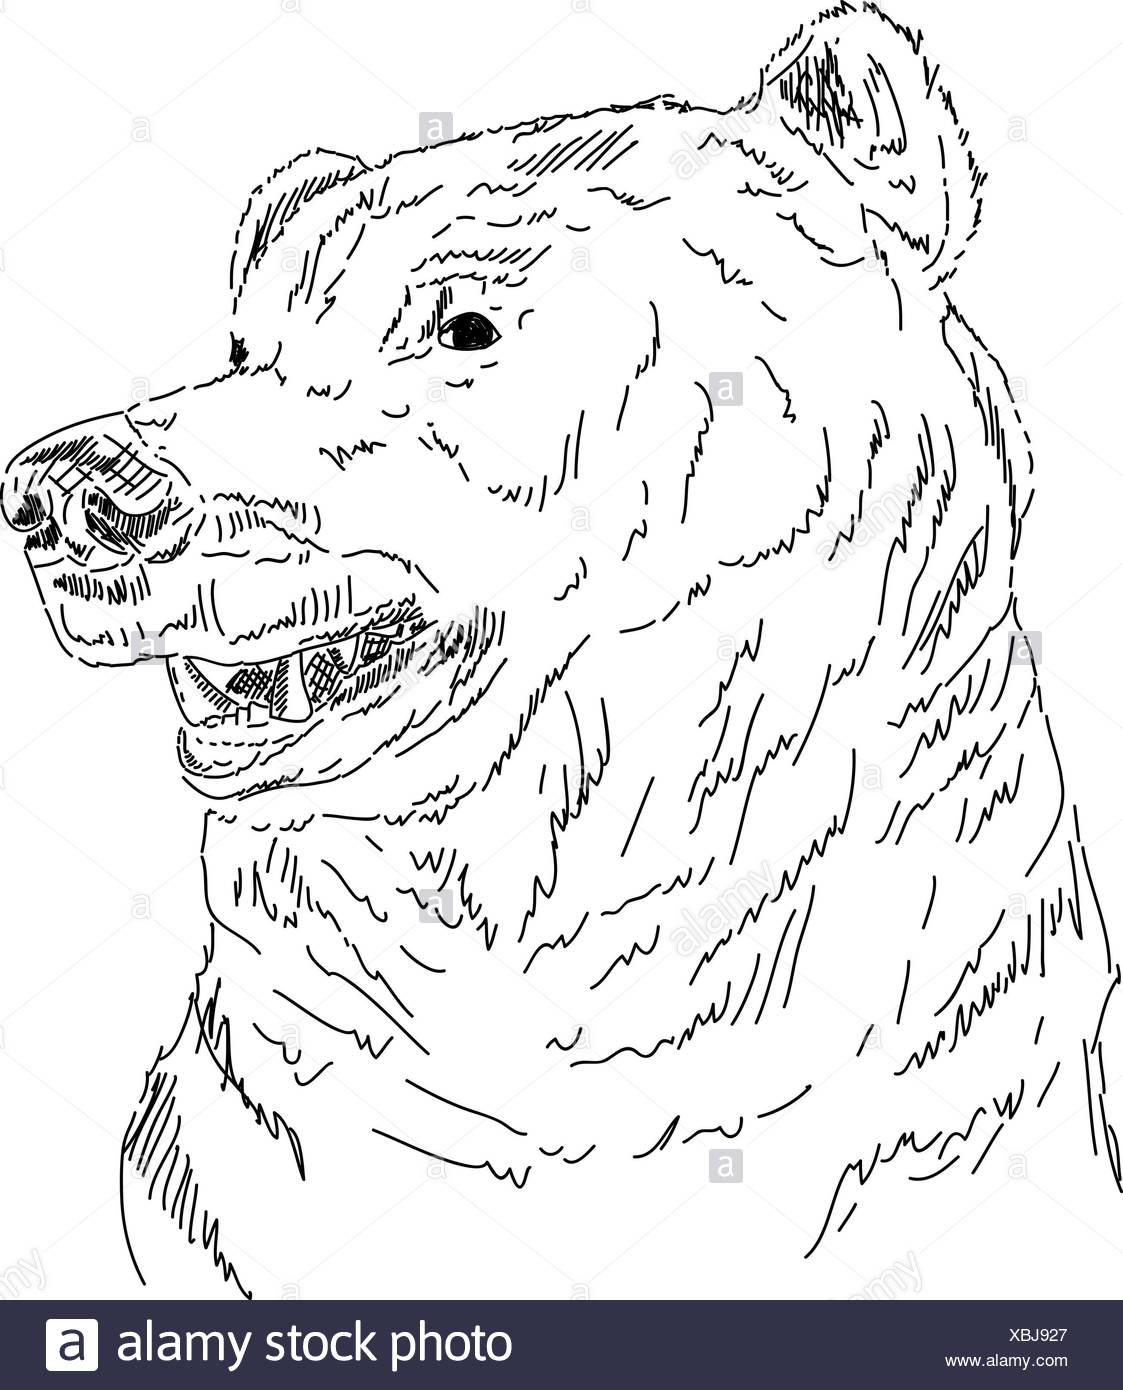 Imagenes De Dibujos Animados Para Dibujar A Color